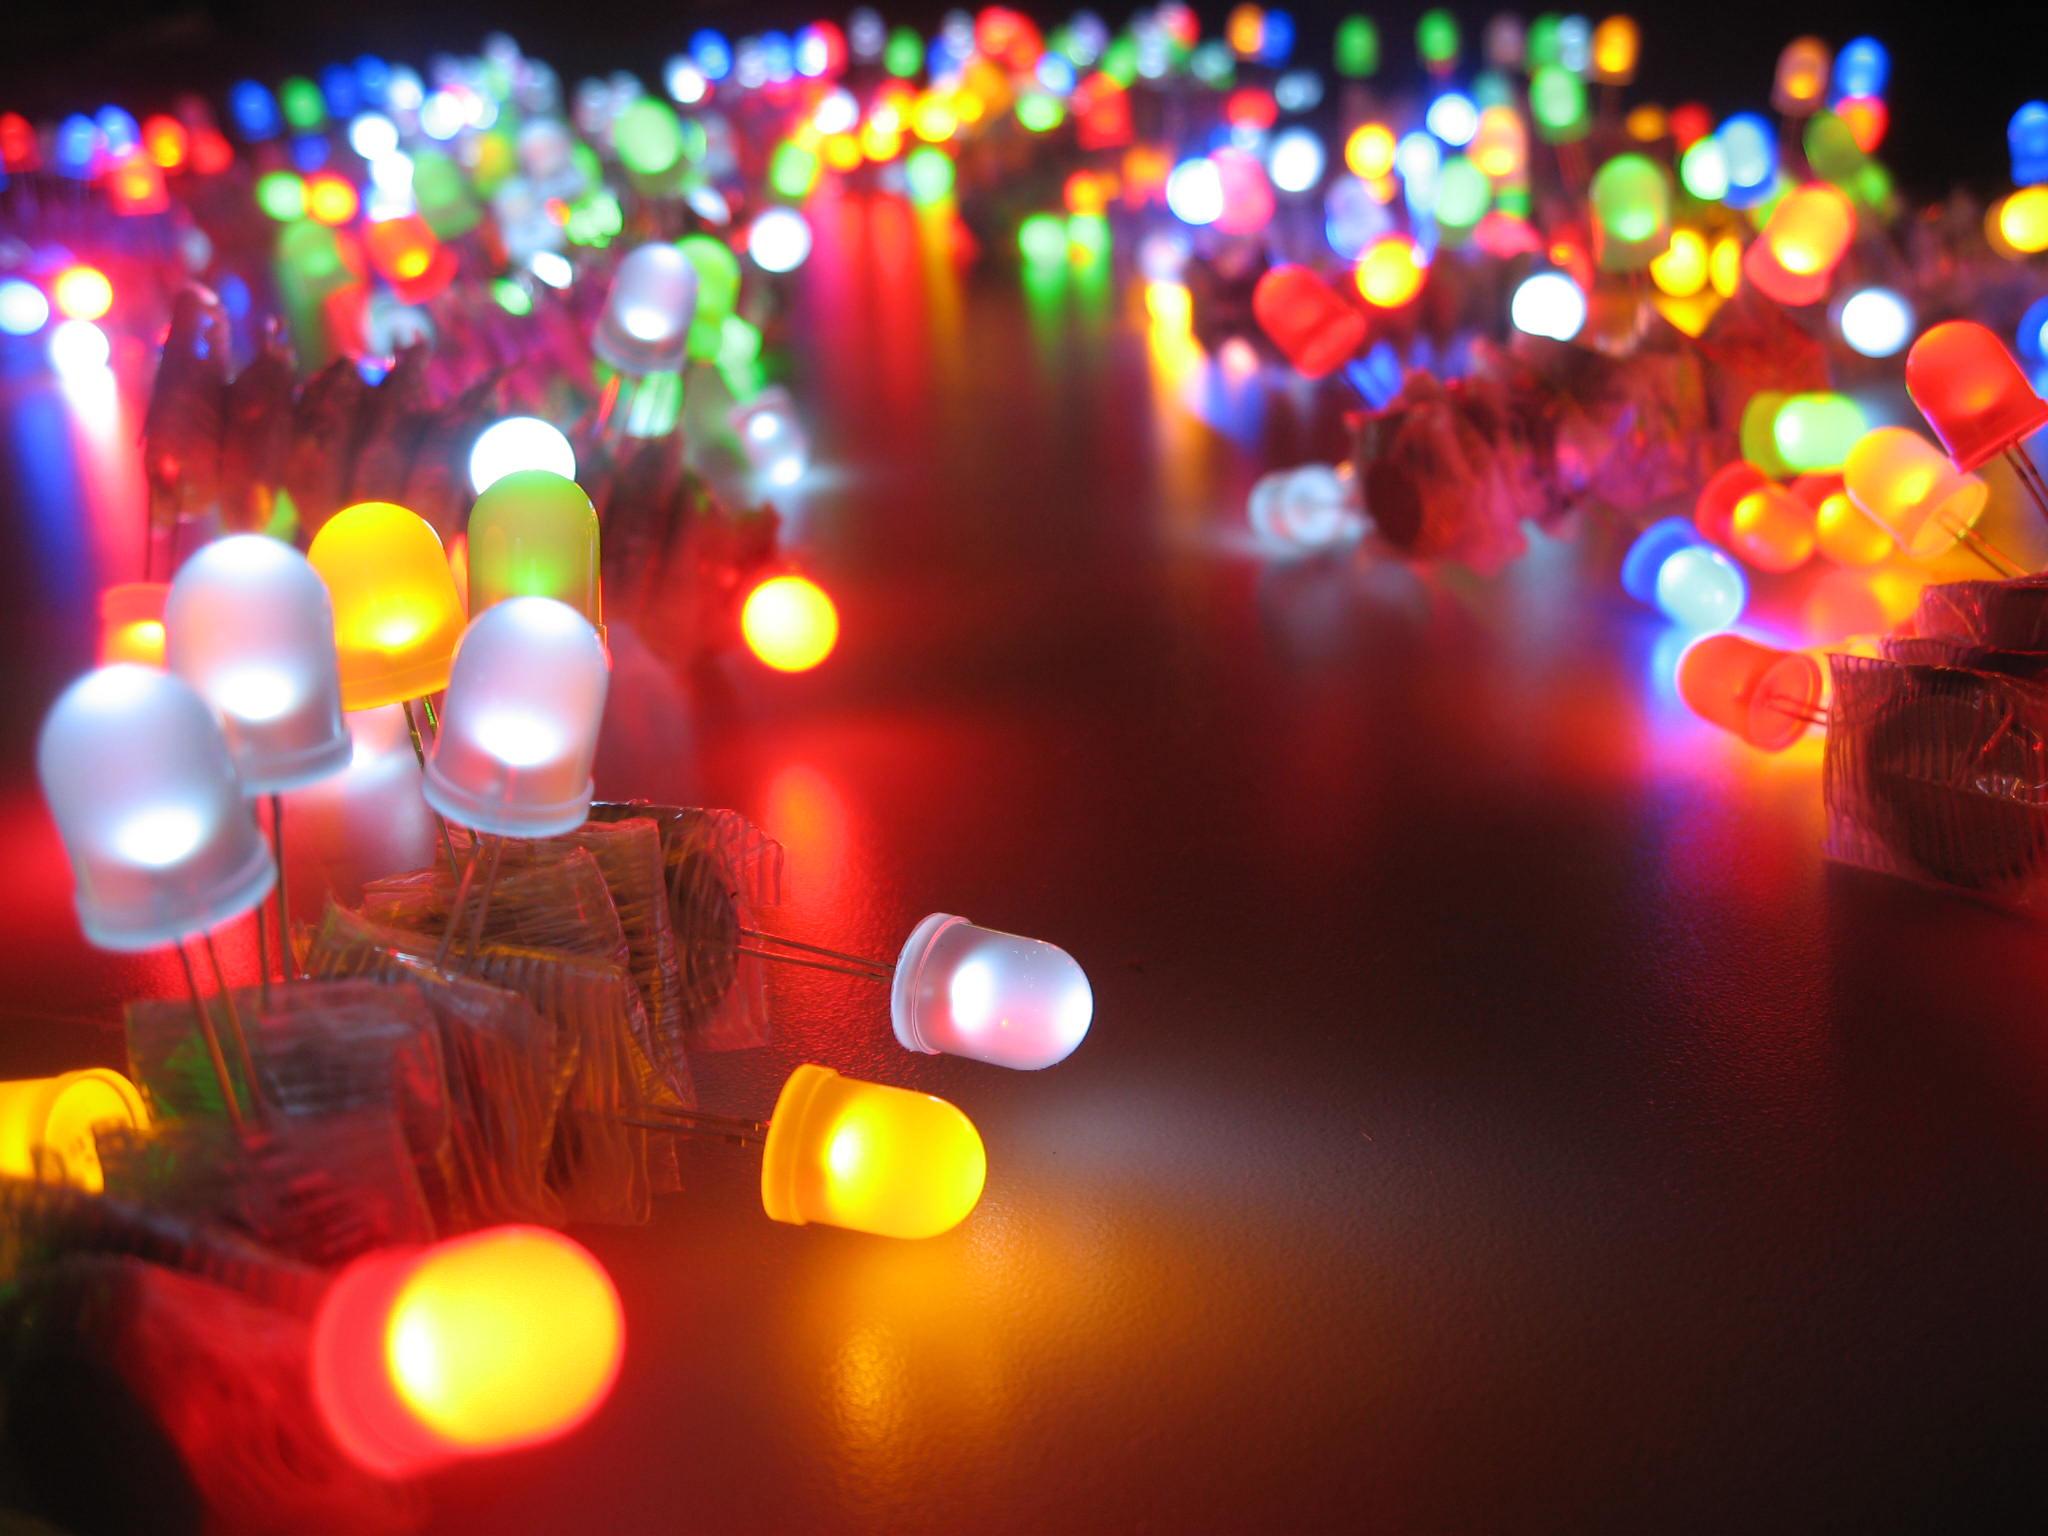 Đèn LED chiếu sáng và đặc điểm từng loại đèn LED.